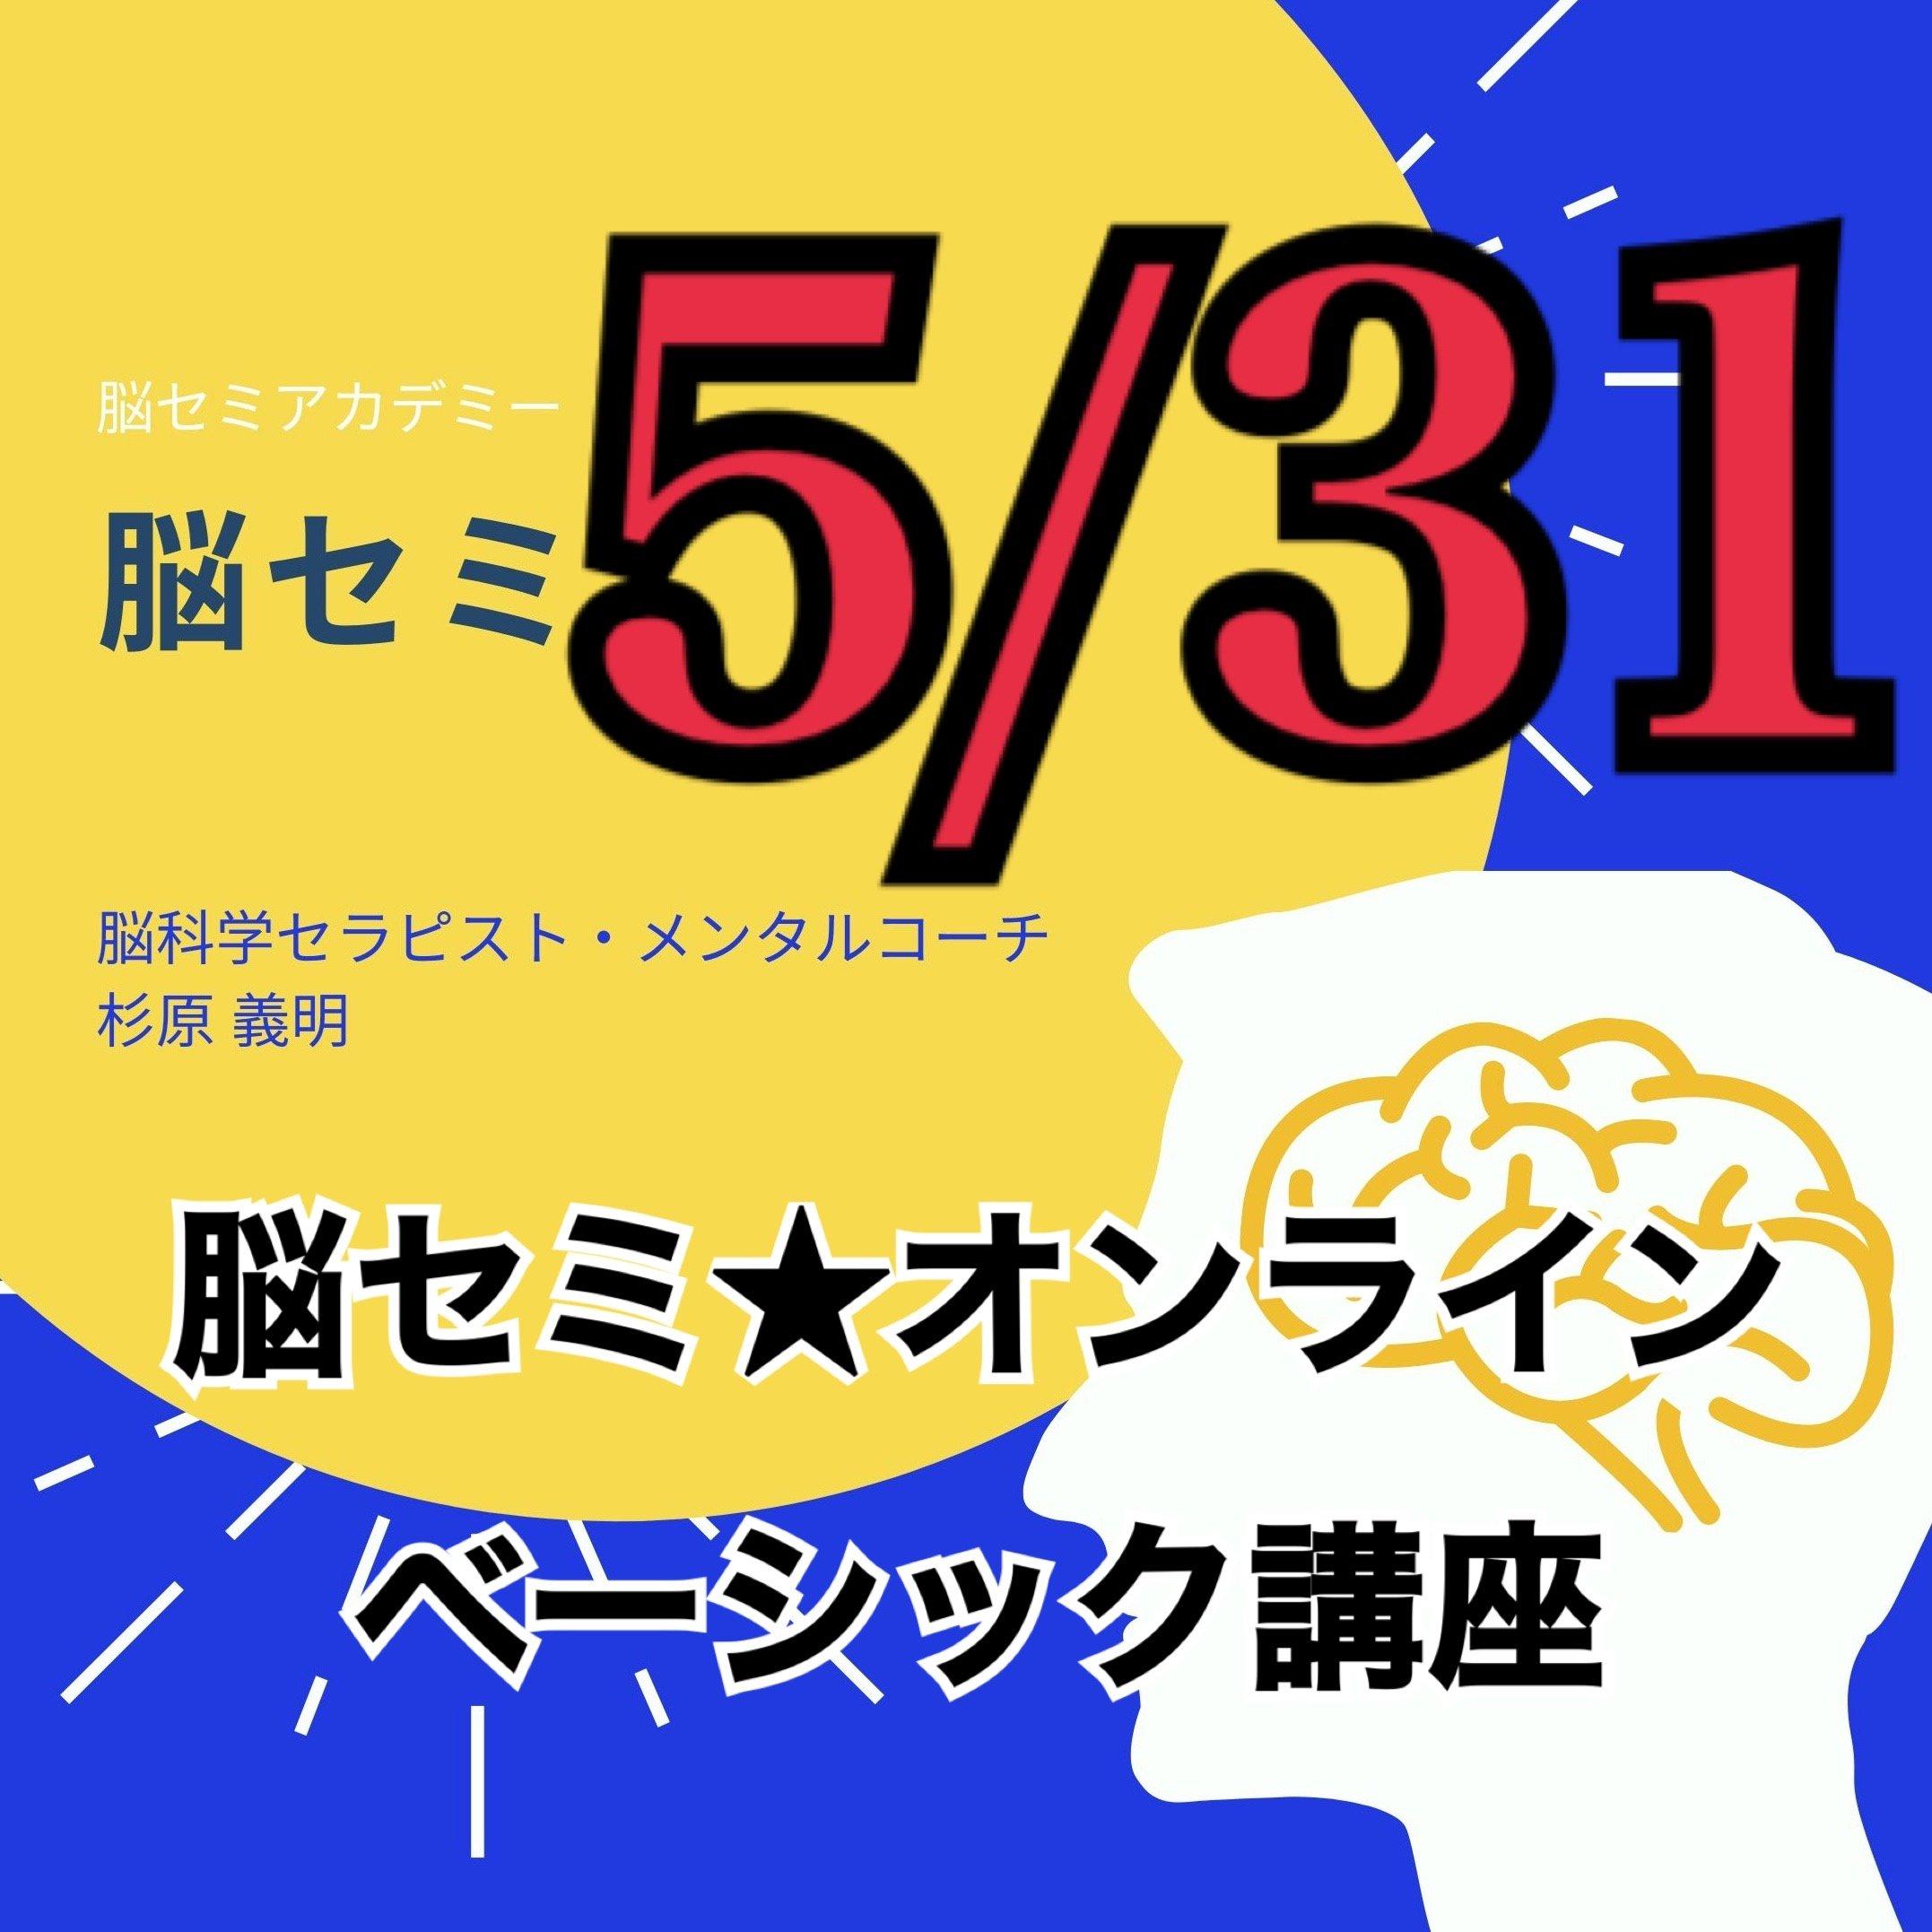 5/31脳セミ ZOOMオンライン  ベーシック講座のイメージその1